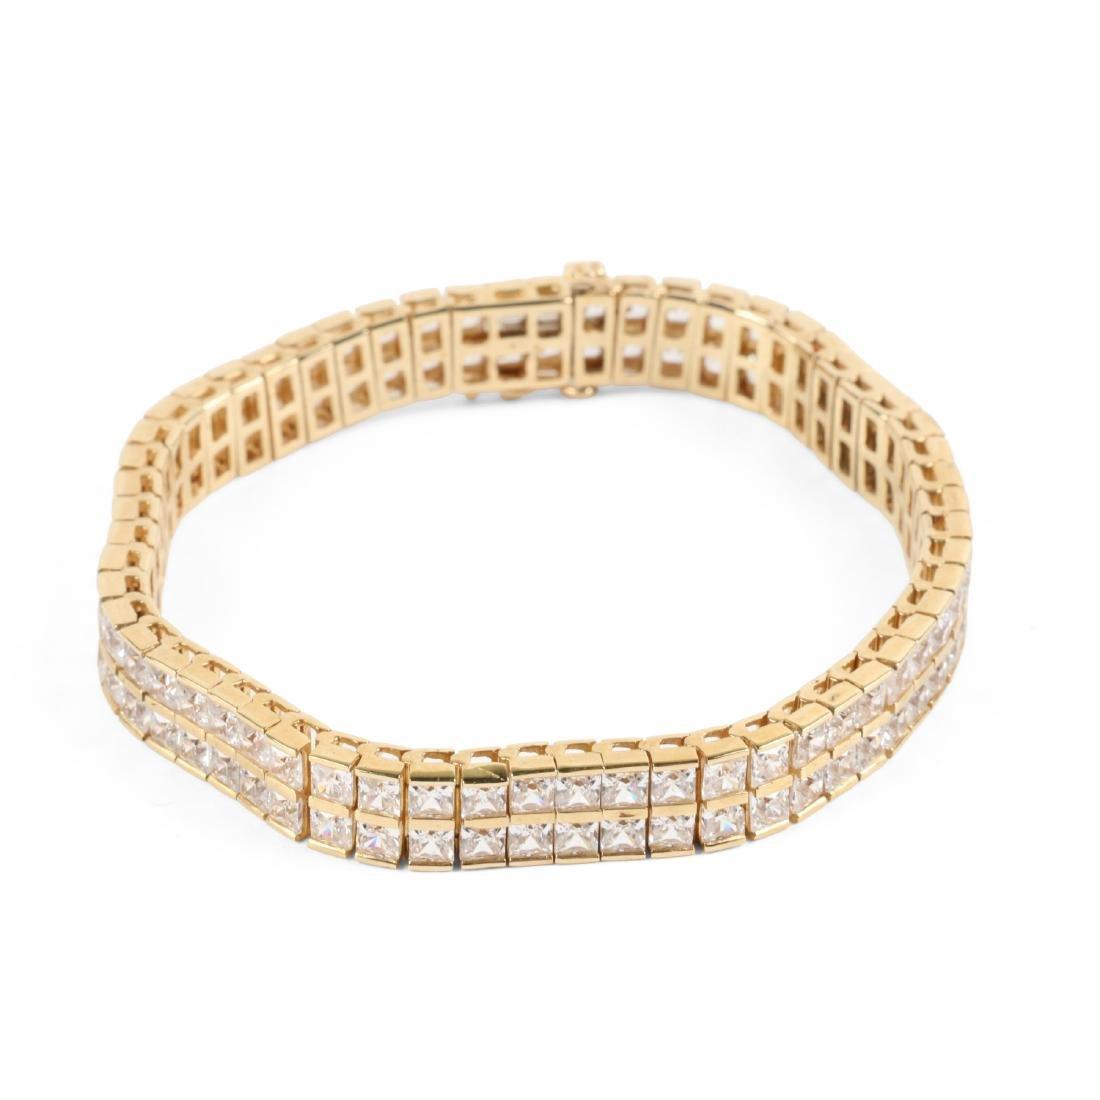 A 10K Yellow Gold Bracelet